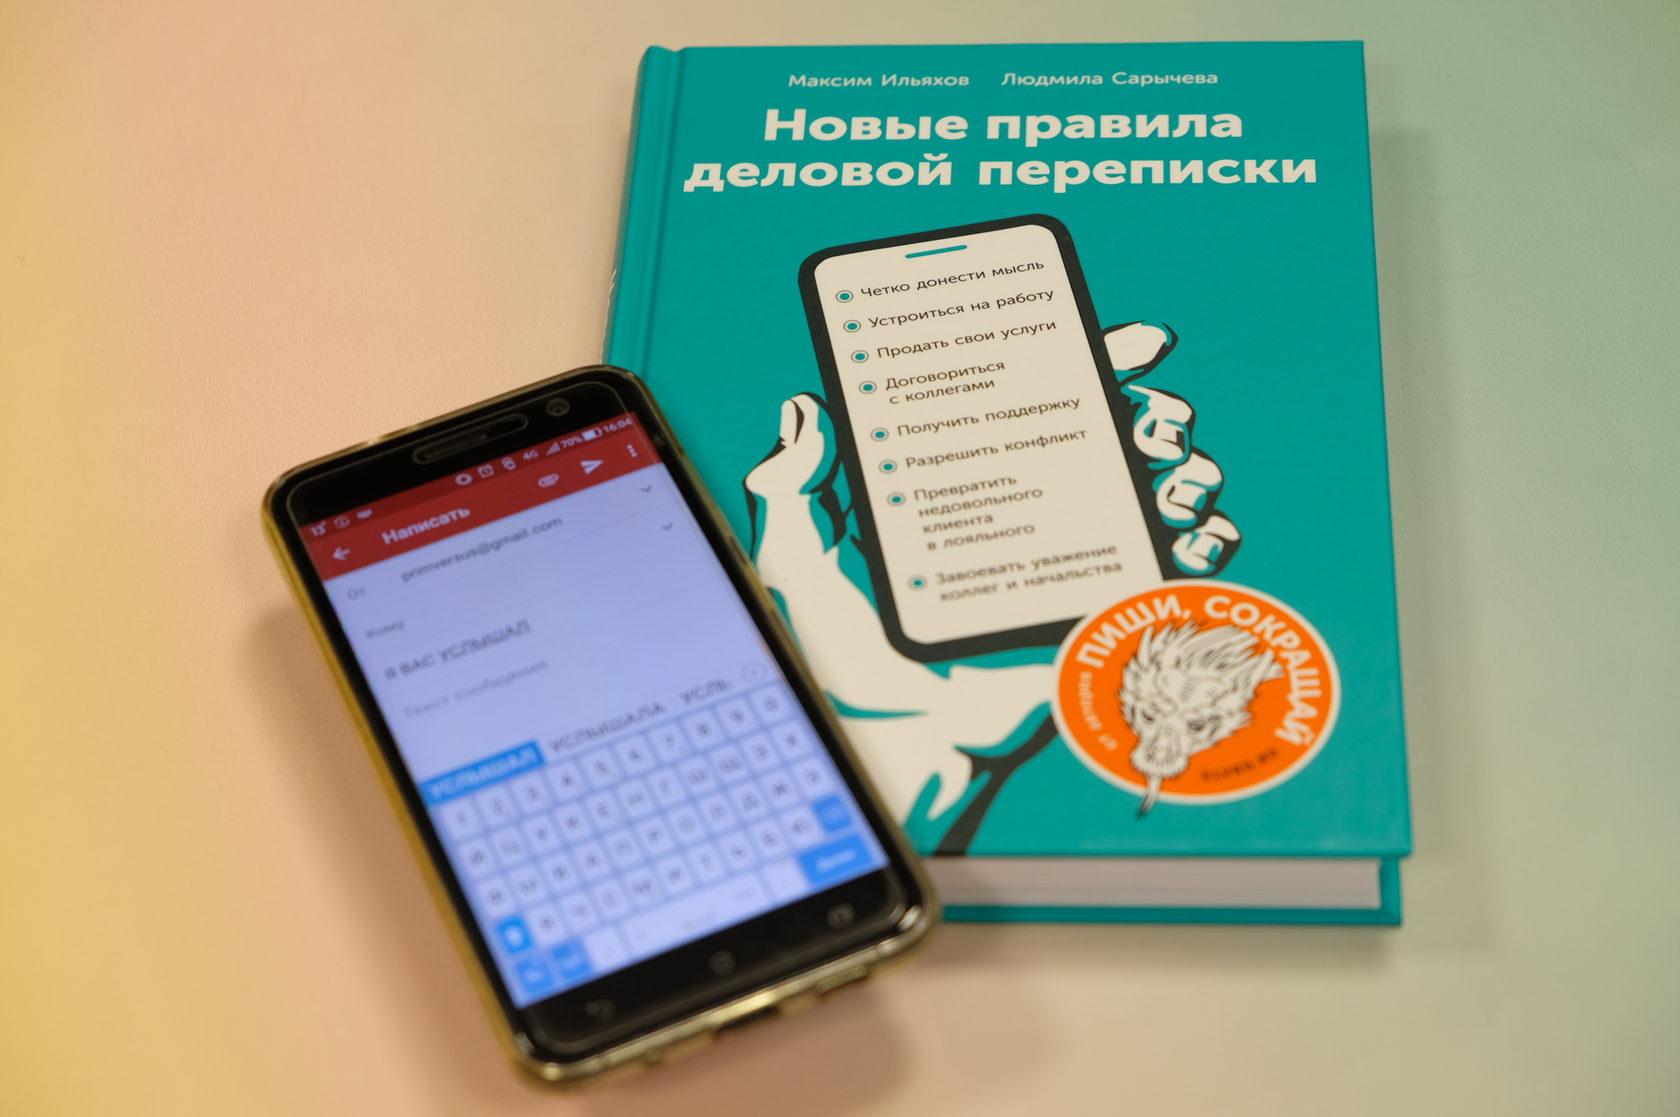 Максим Ильяхов и Людмила Сарычева «Новые правила деловой переписки»